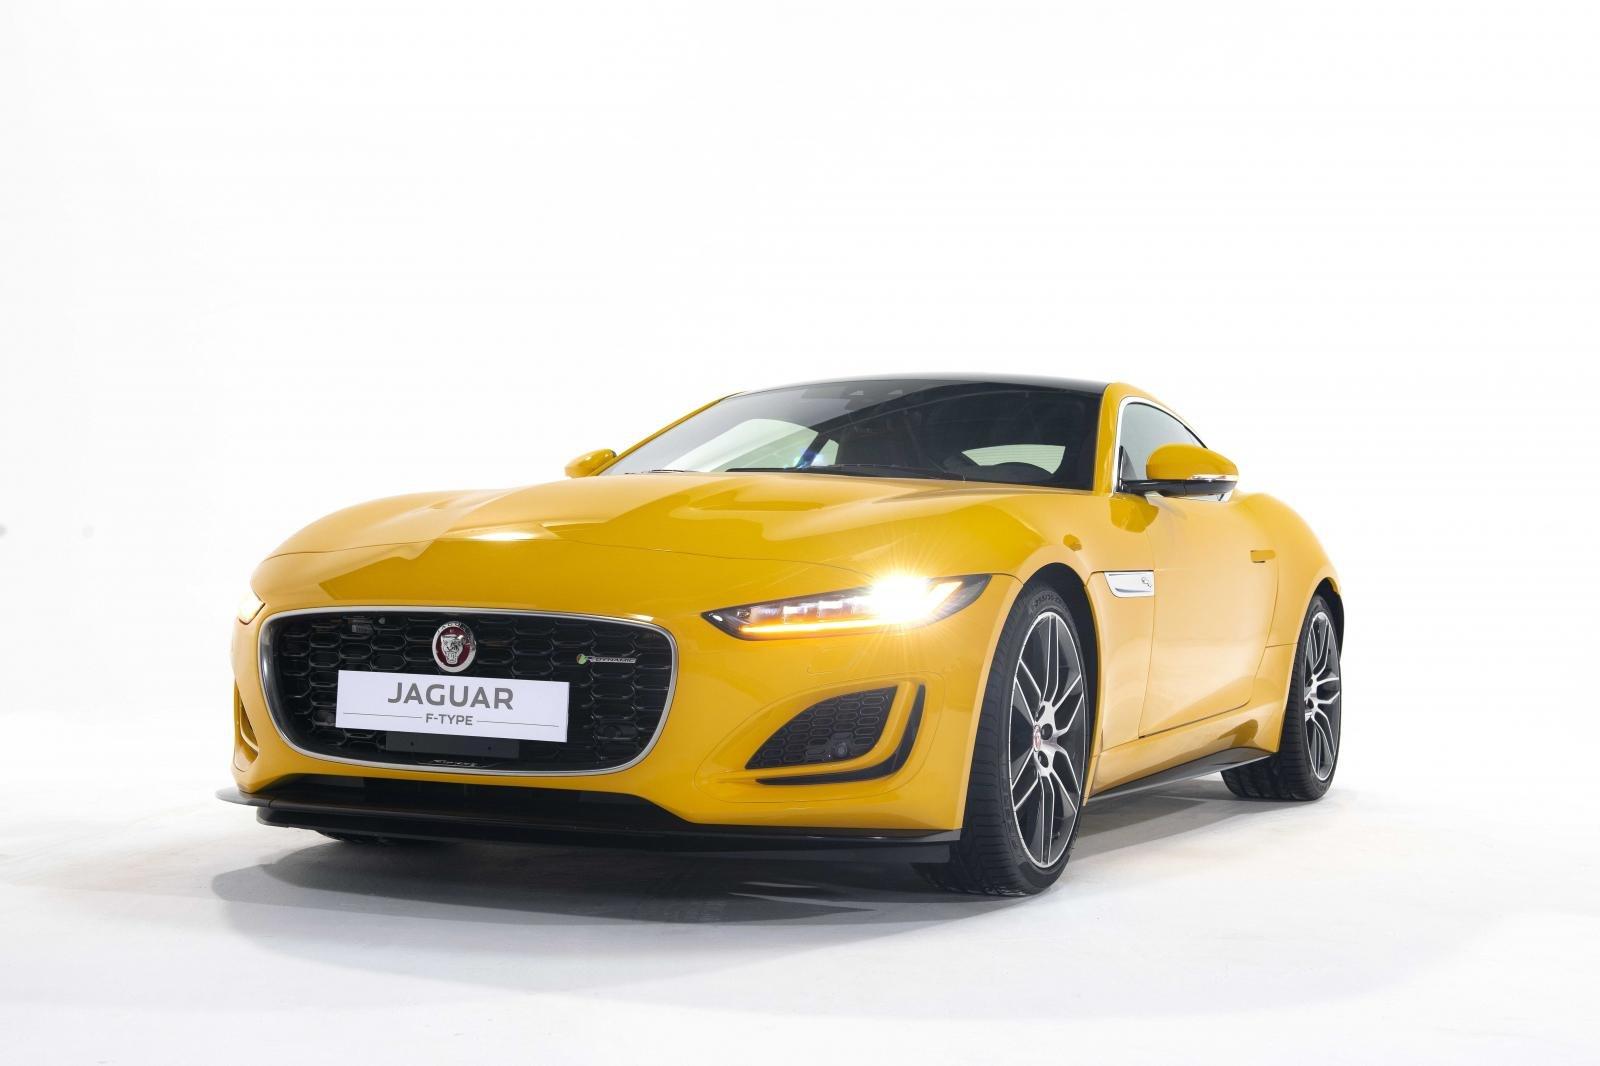 Jaguar F-Type cung cấp loạt tùy chọn, cá nhân hóa đa dạng.